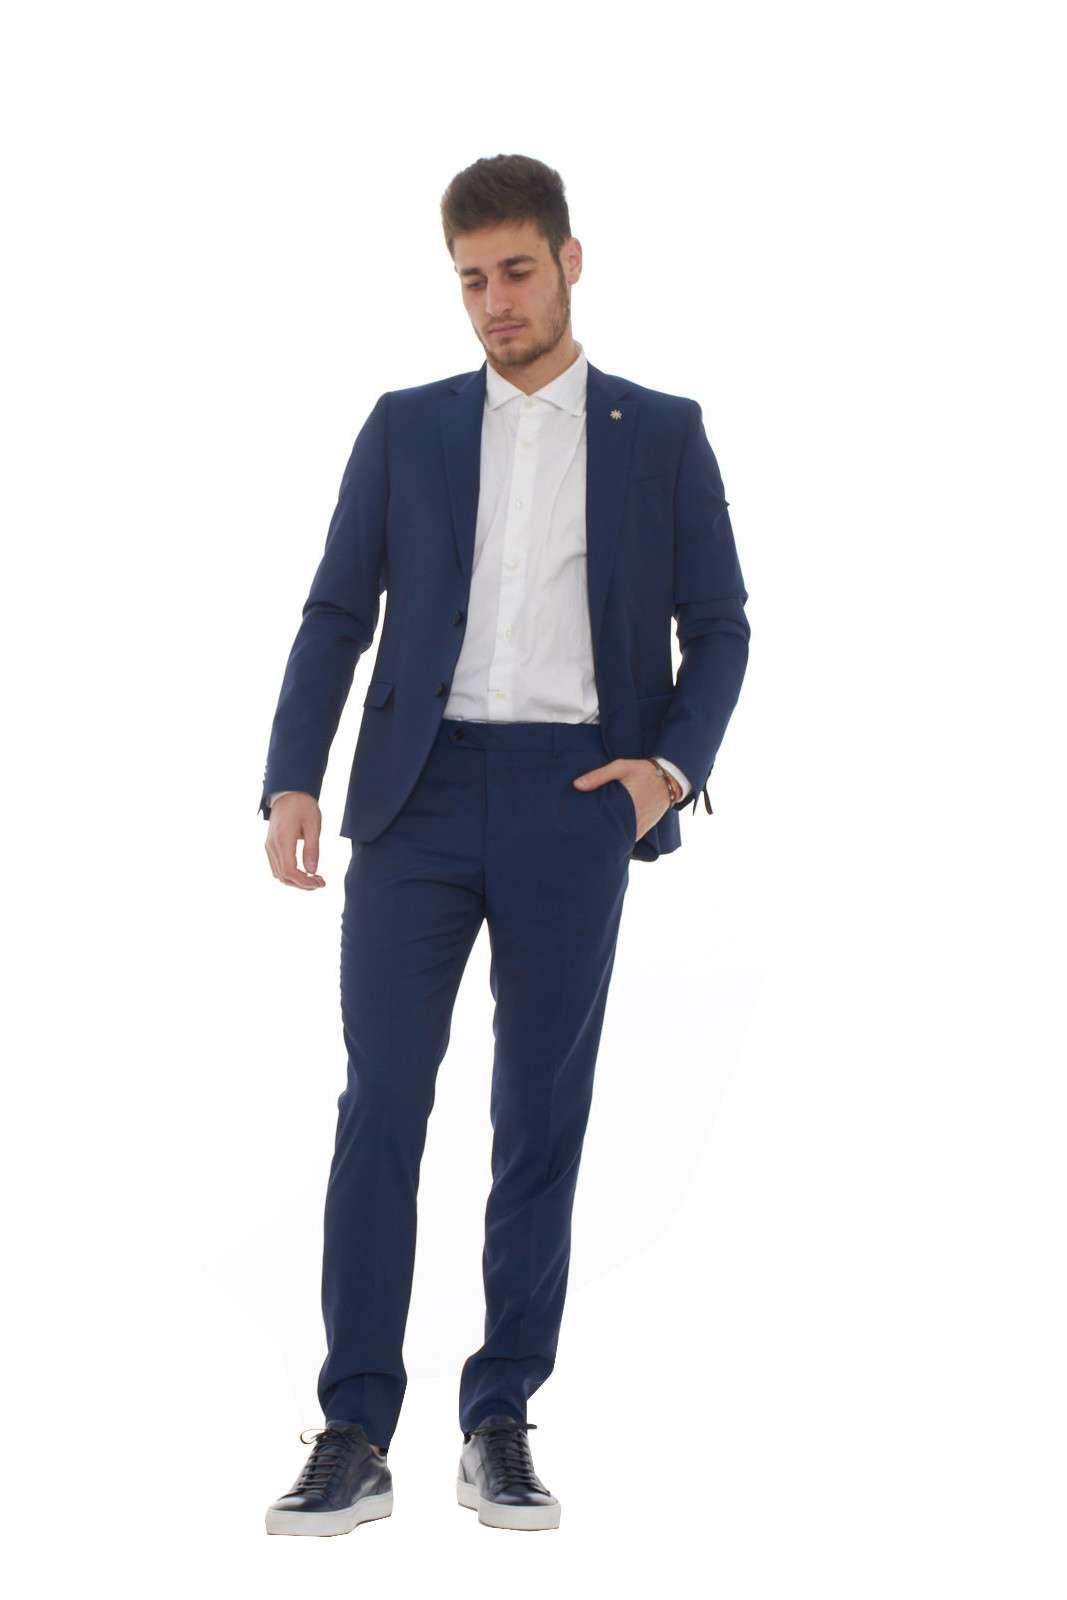 Un look elegante e moderno caratterizza questo abito, realizzato per cerimonie, feste,o serate di gala. Per l'uomo che ama curare il proprio outfit nelle occasioni speciali, e mettere in risalto il proprio gusto in fatto di abbigliamento. Come sempre Manuel Ritz è una garanzia di eleganza. Il modello è alto 1.80m e indossa la taglia 48.